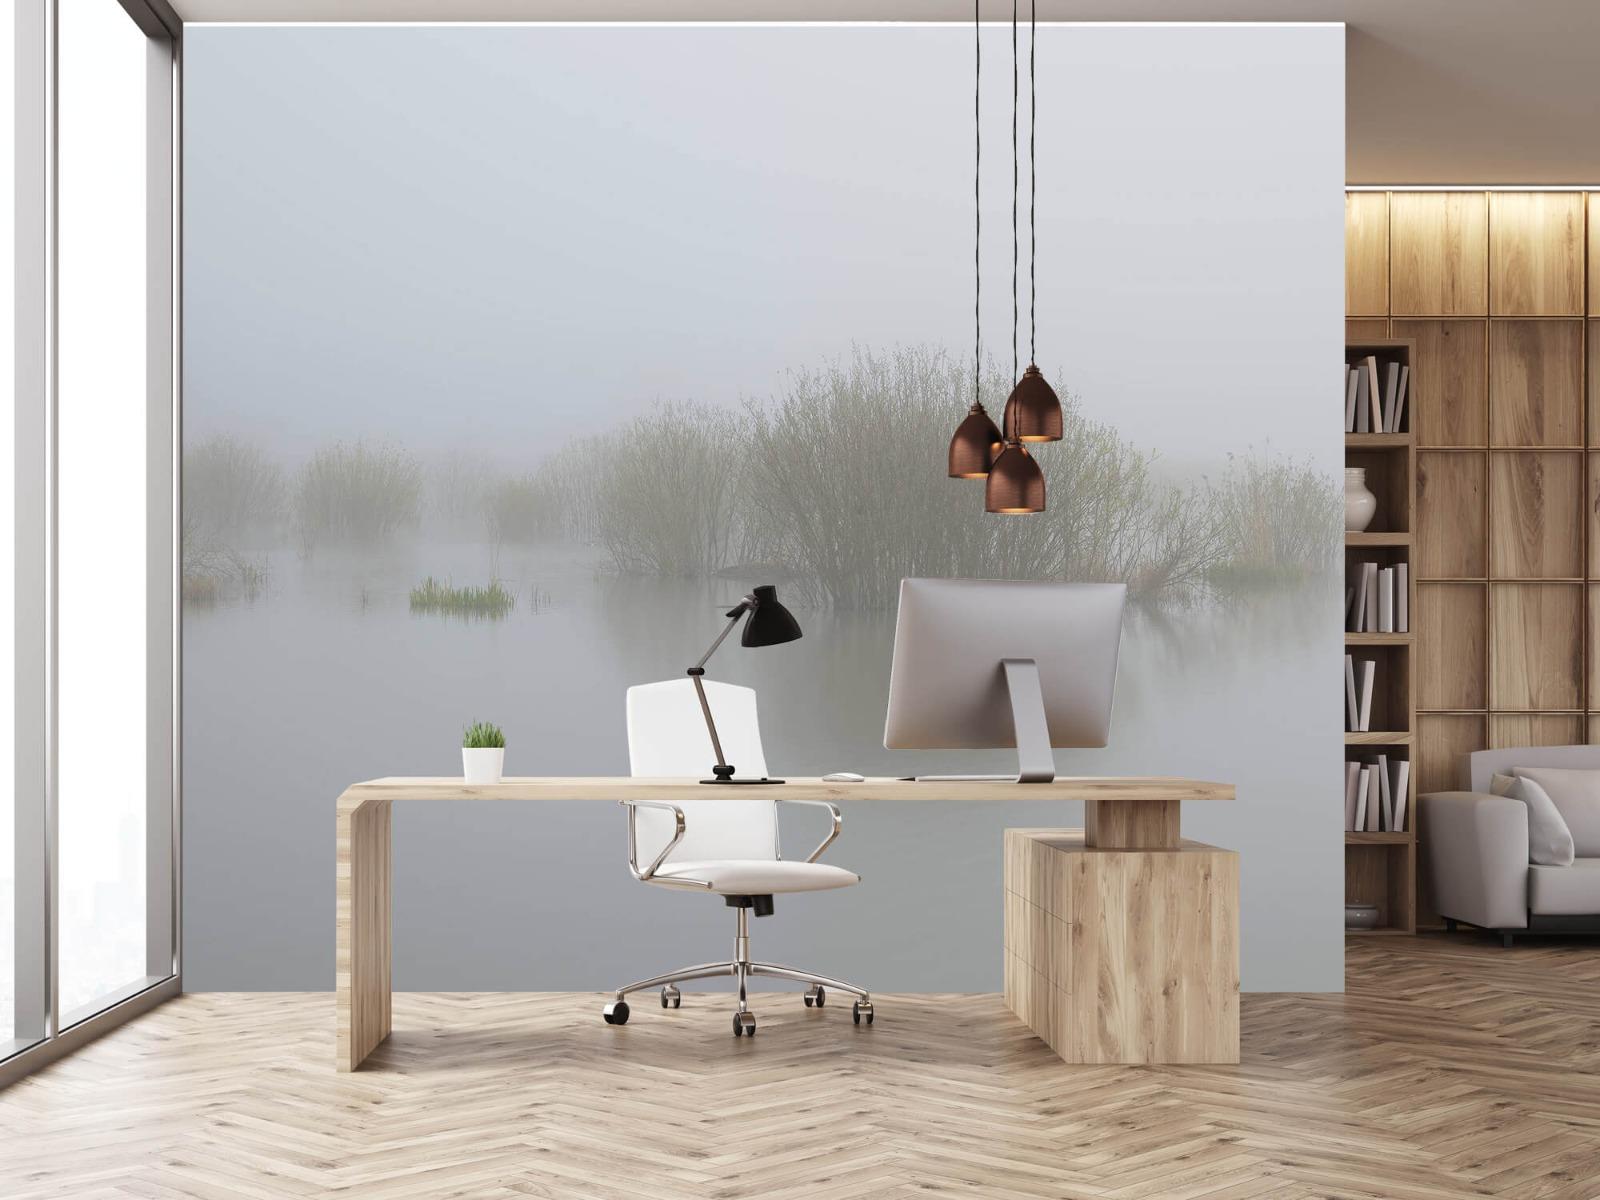 Landschap - Mist in natuurgebied - Slaapkamer 24